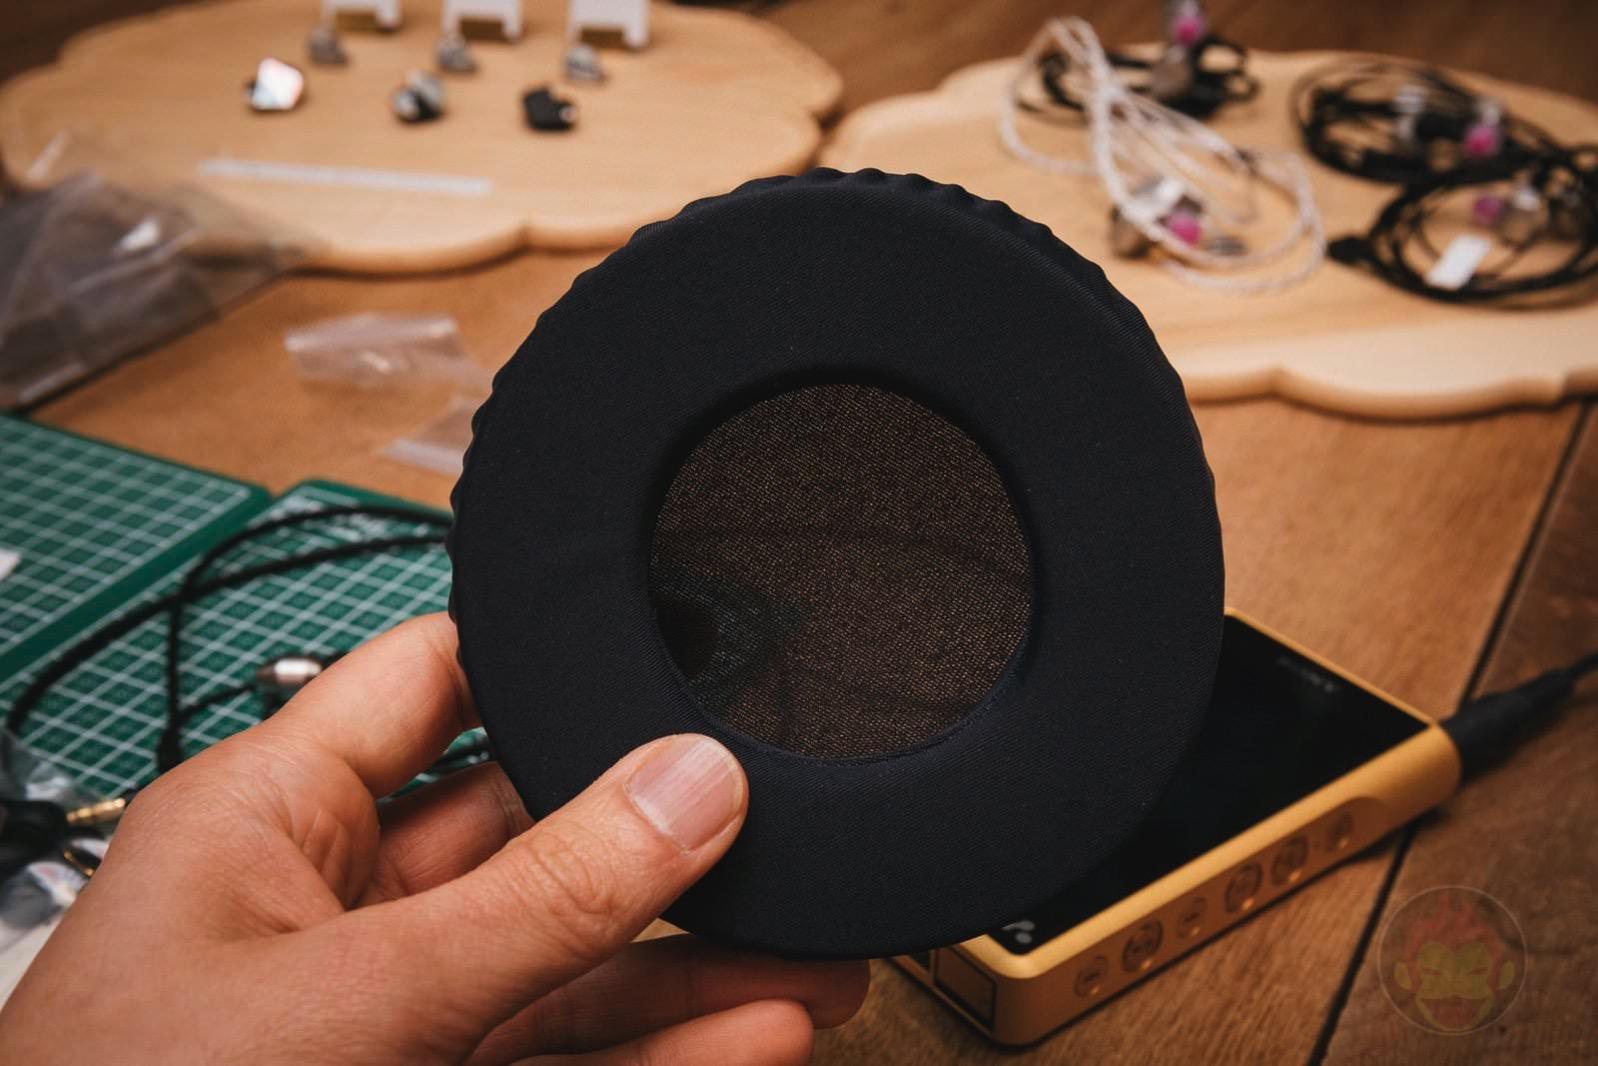 Final-Audio-Design-Headphones-and-Earphones-16.jpg